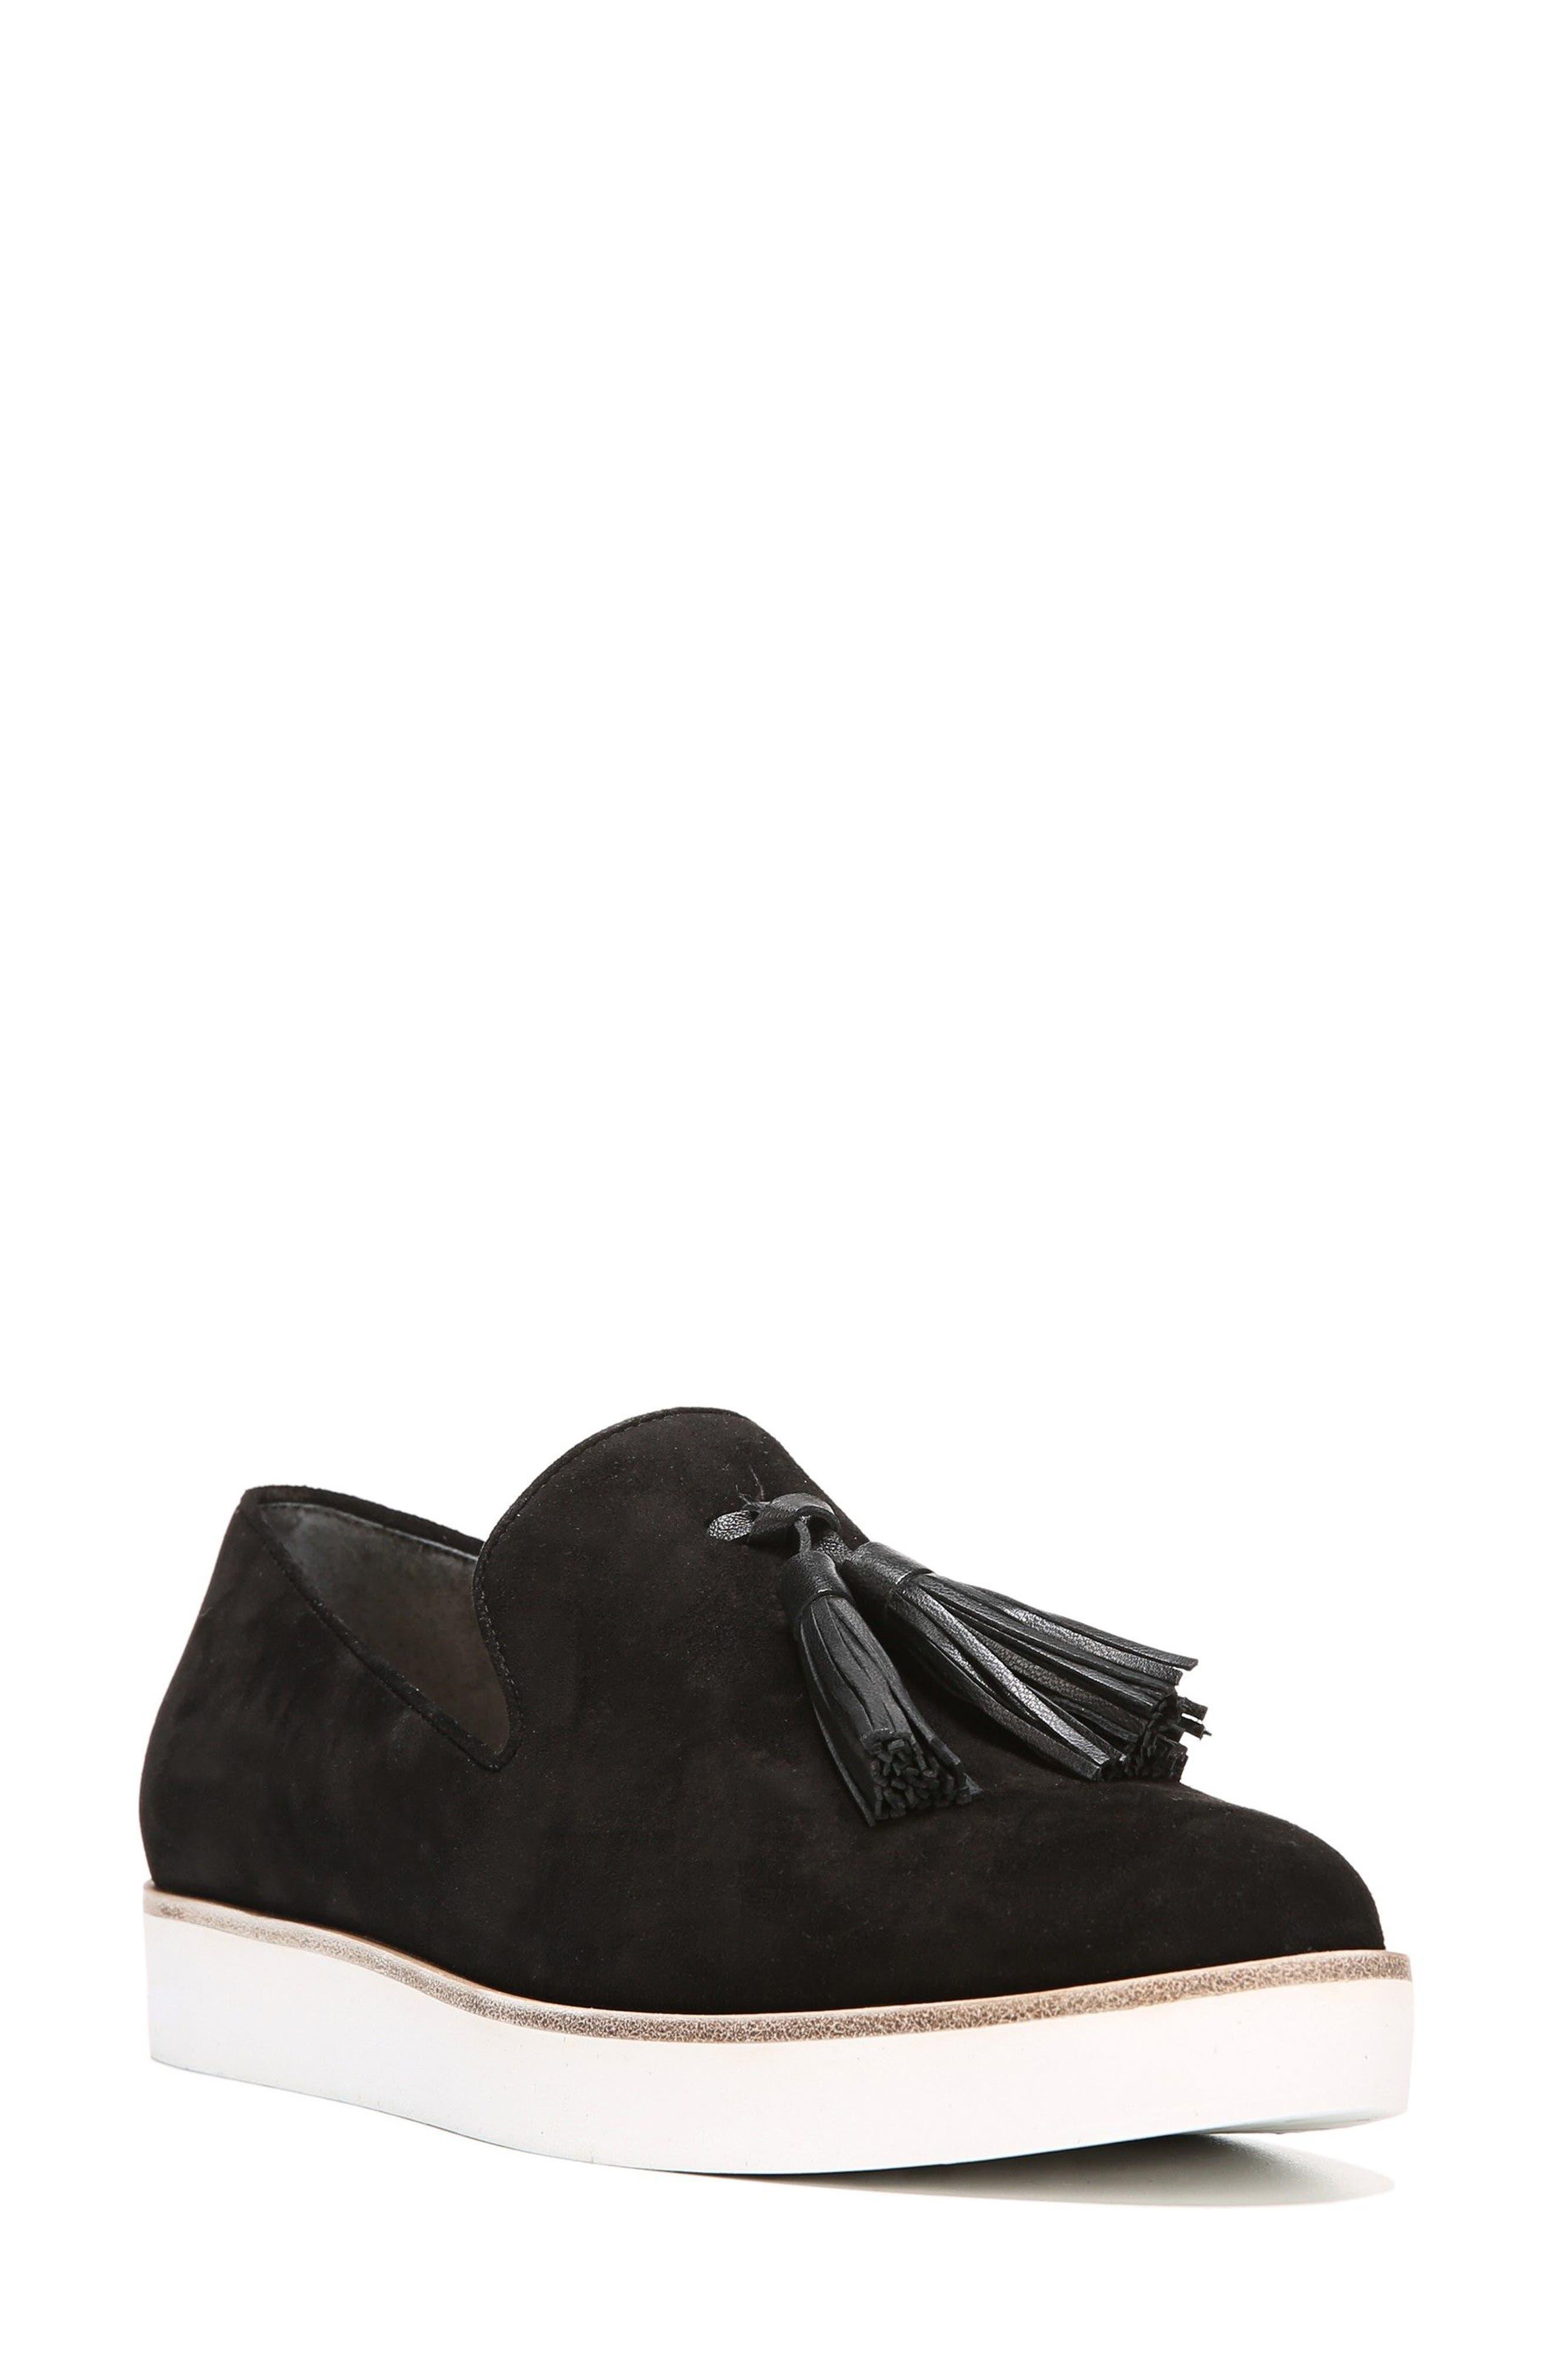 Toni Slip-On Sneaker,                             Main thumbnail 1, color,                             Black Suede